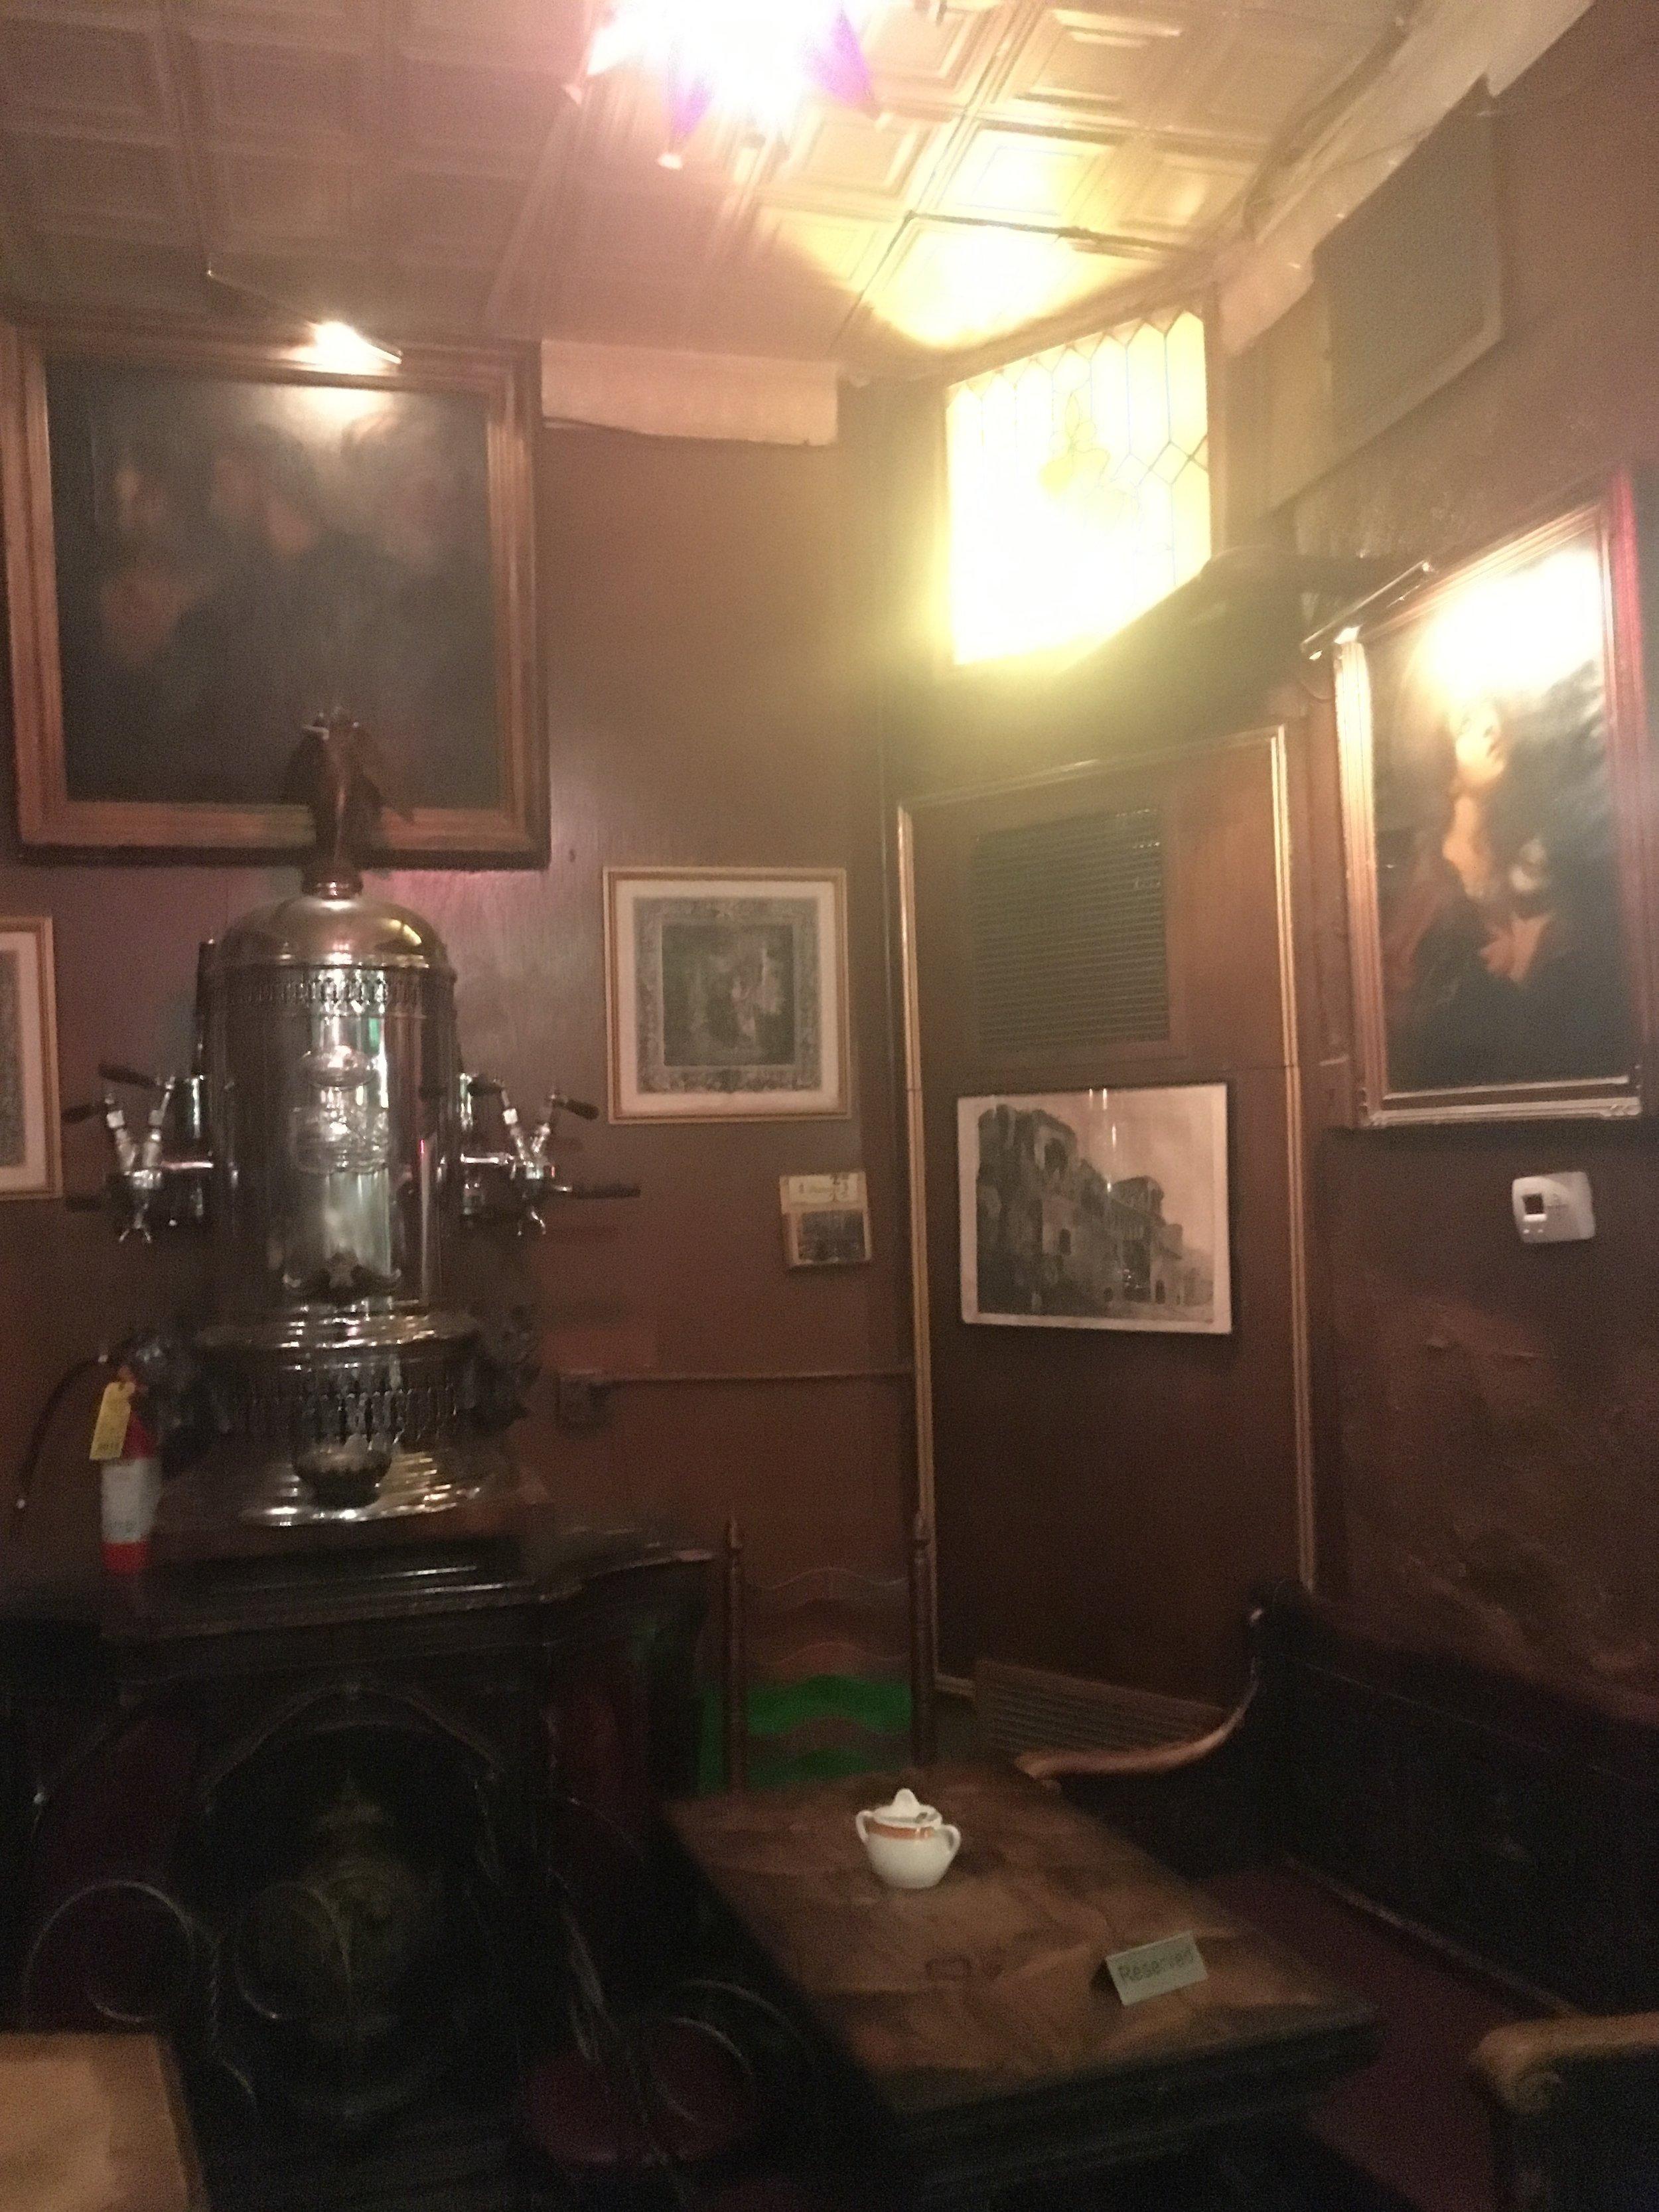 The 1902 espresso machine